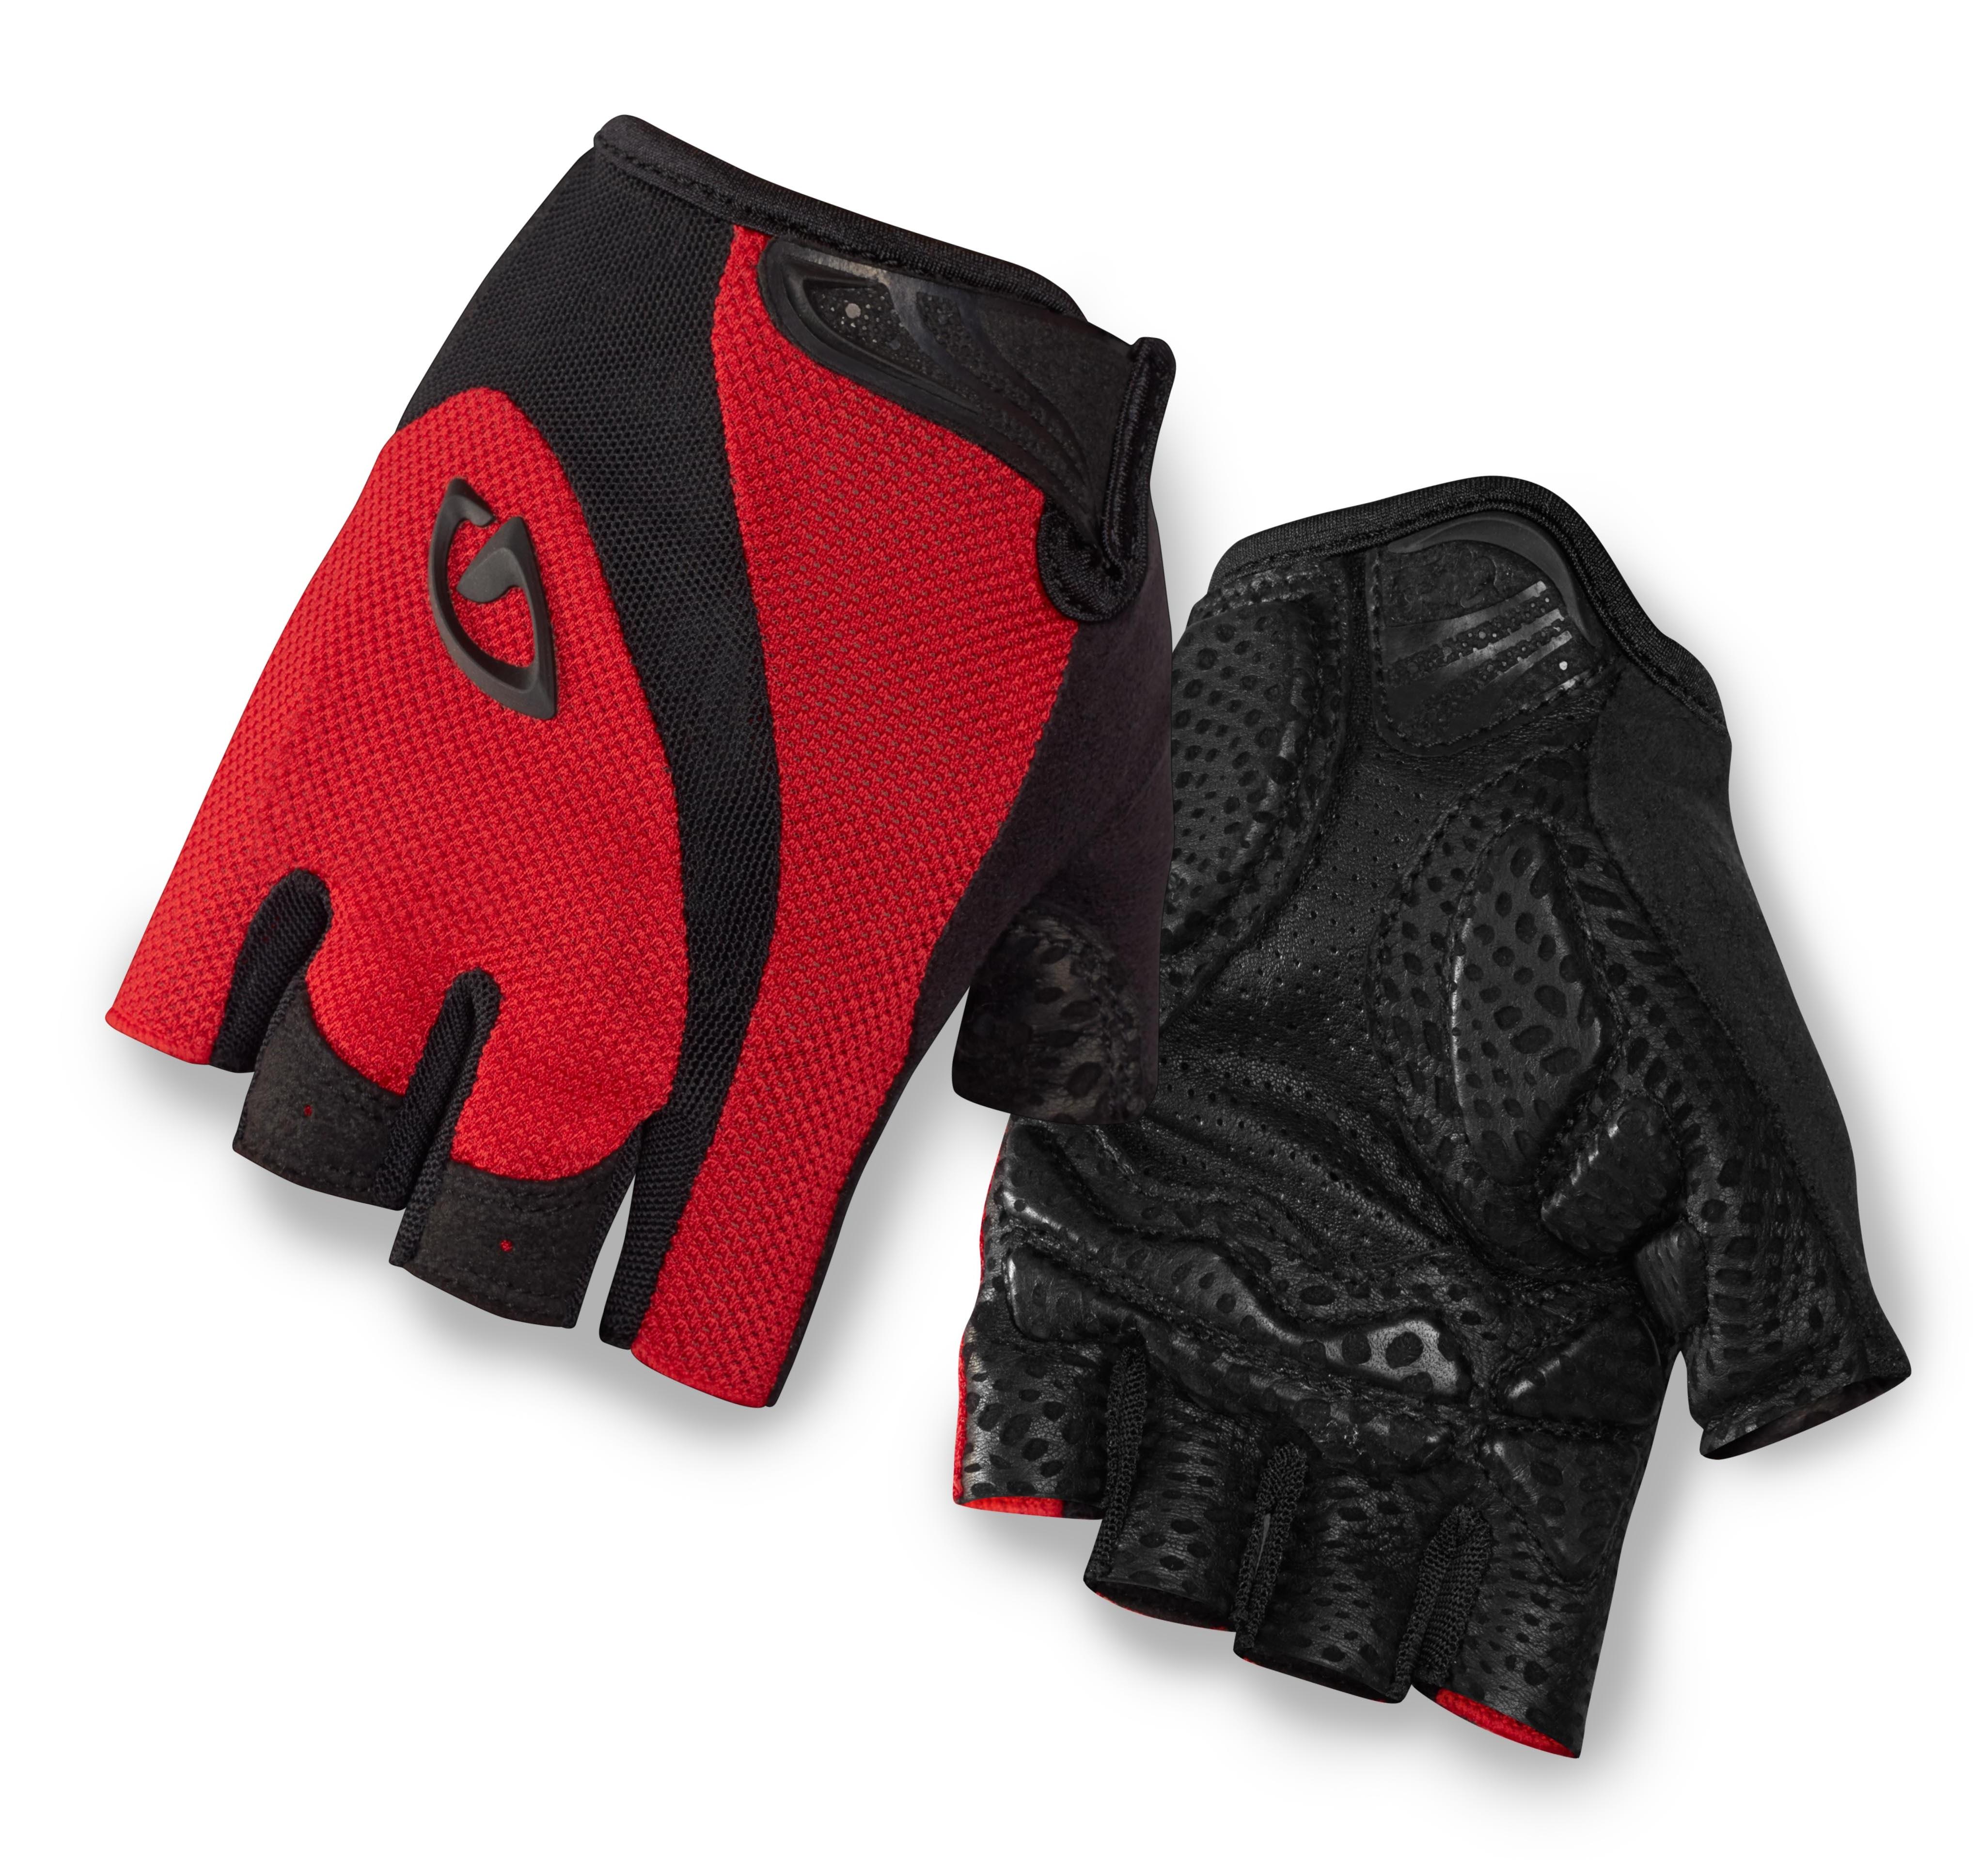 2014 Giro Monica Women's Glove Ruby Red/Black